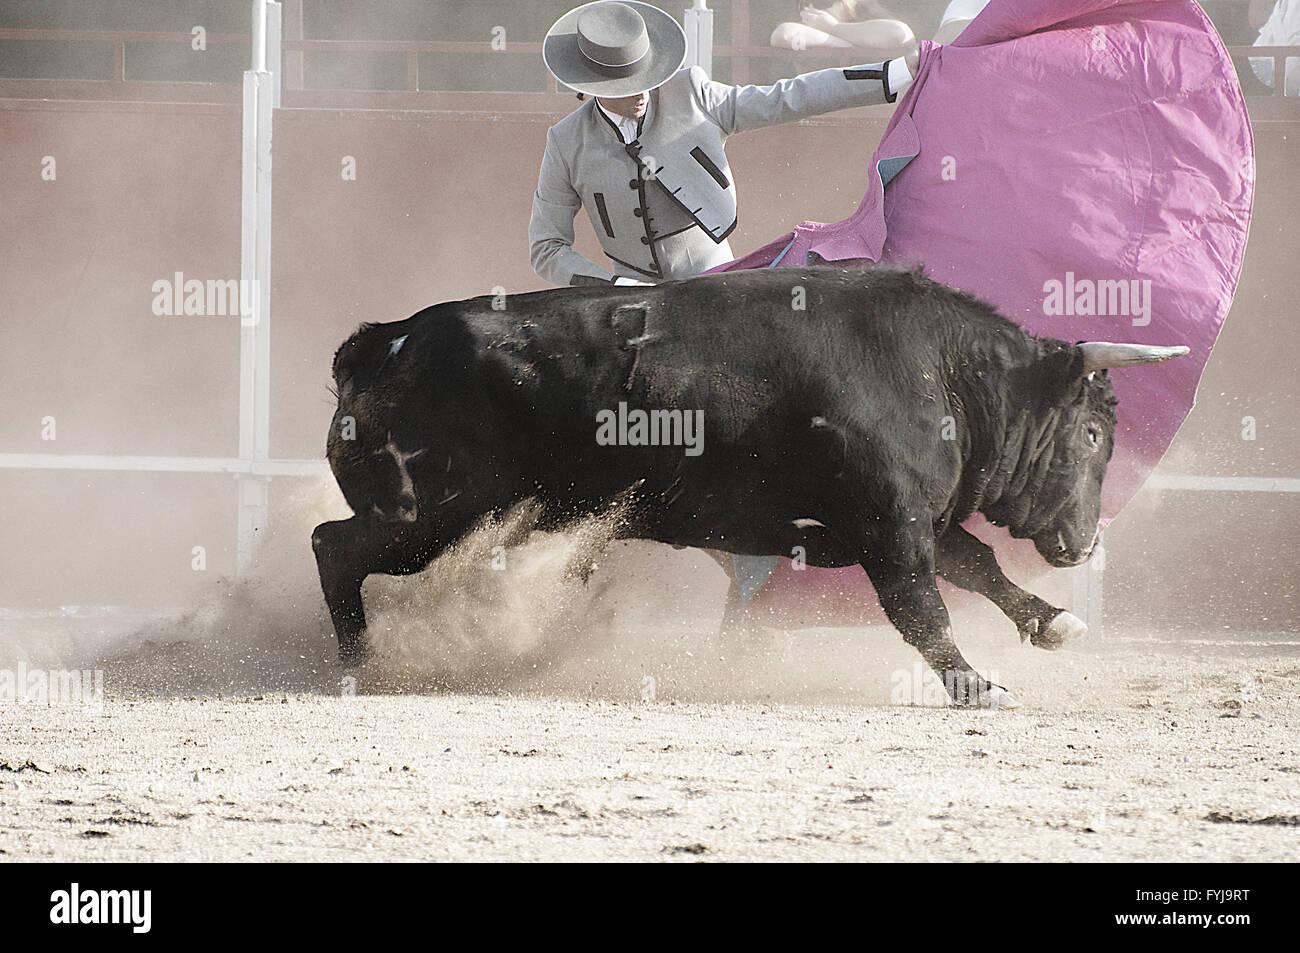 Bullfight. Fighting bull picture from Spain. Black bull - Stock Image